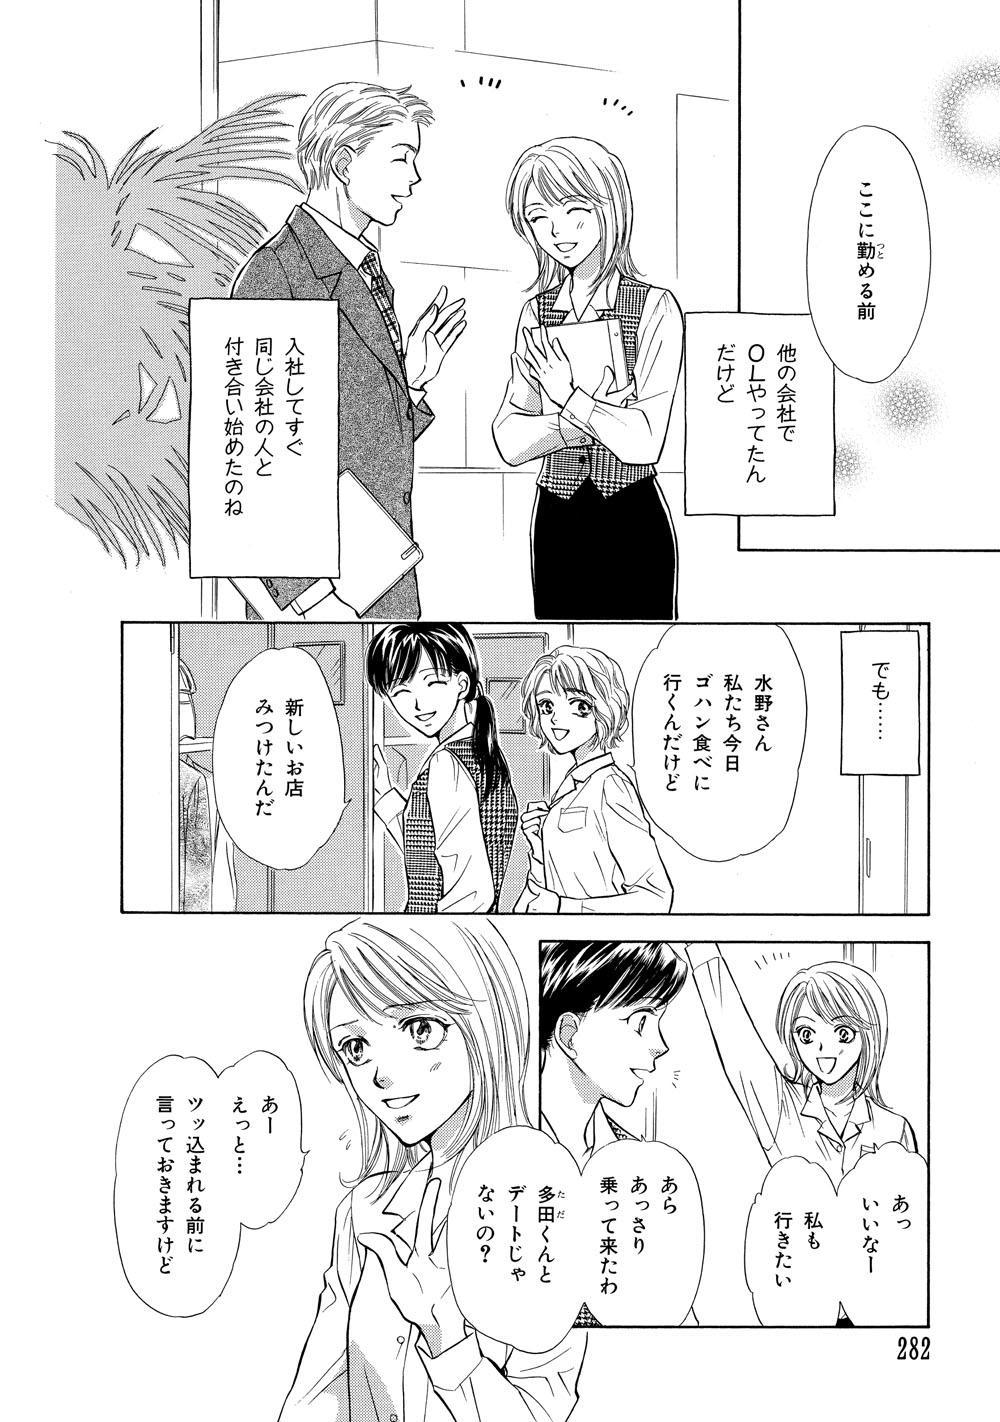 テレビ版_ほん怖_282.jpg